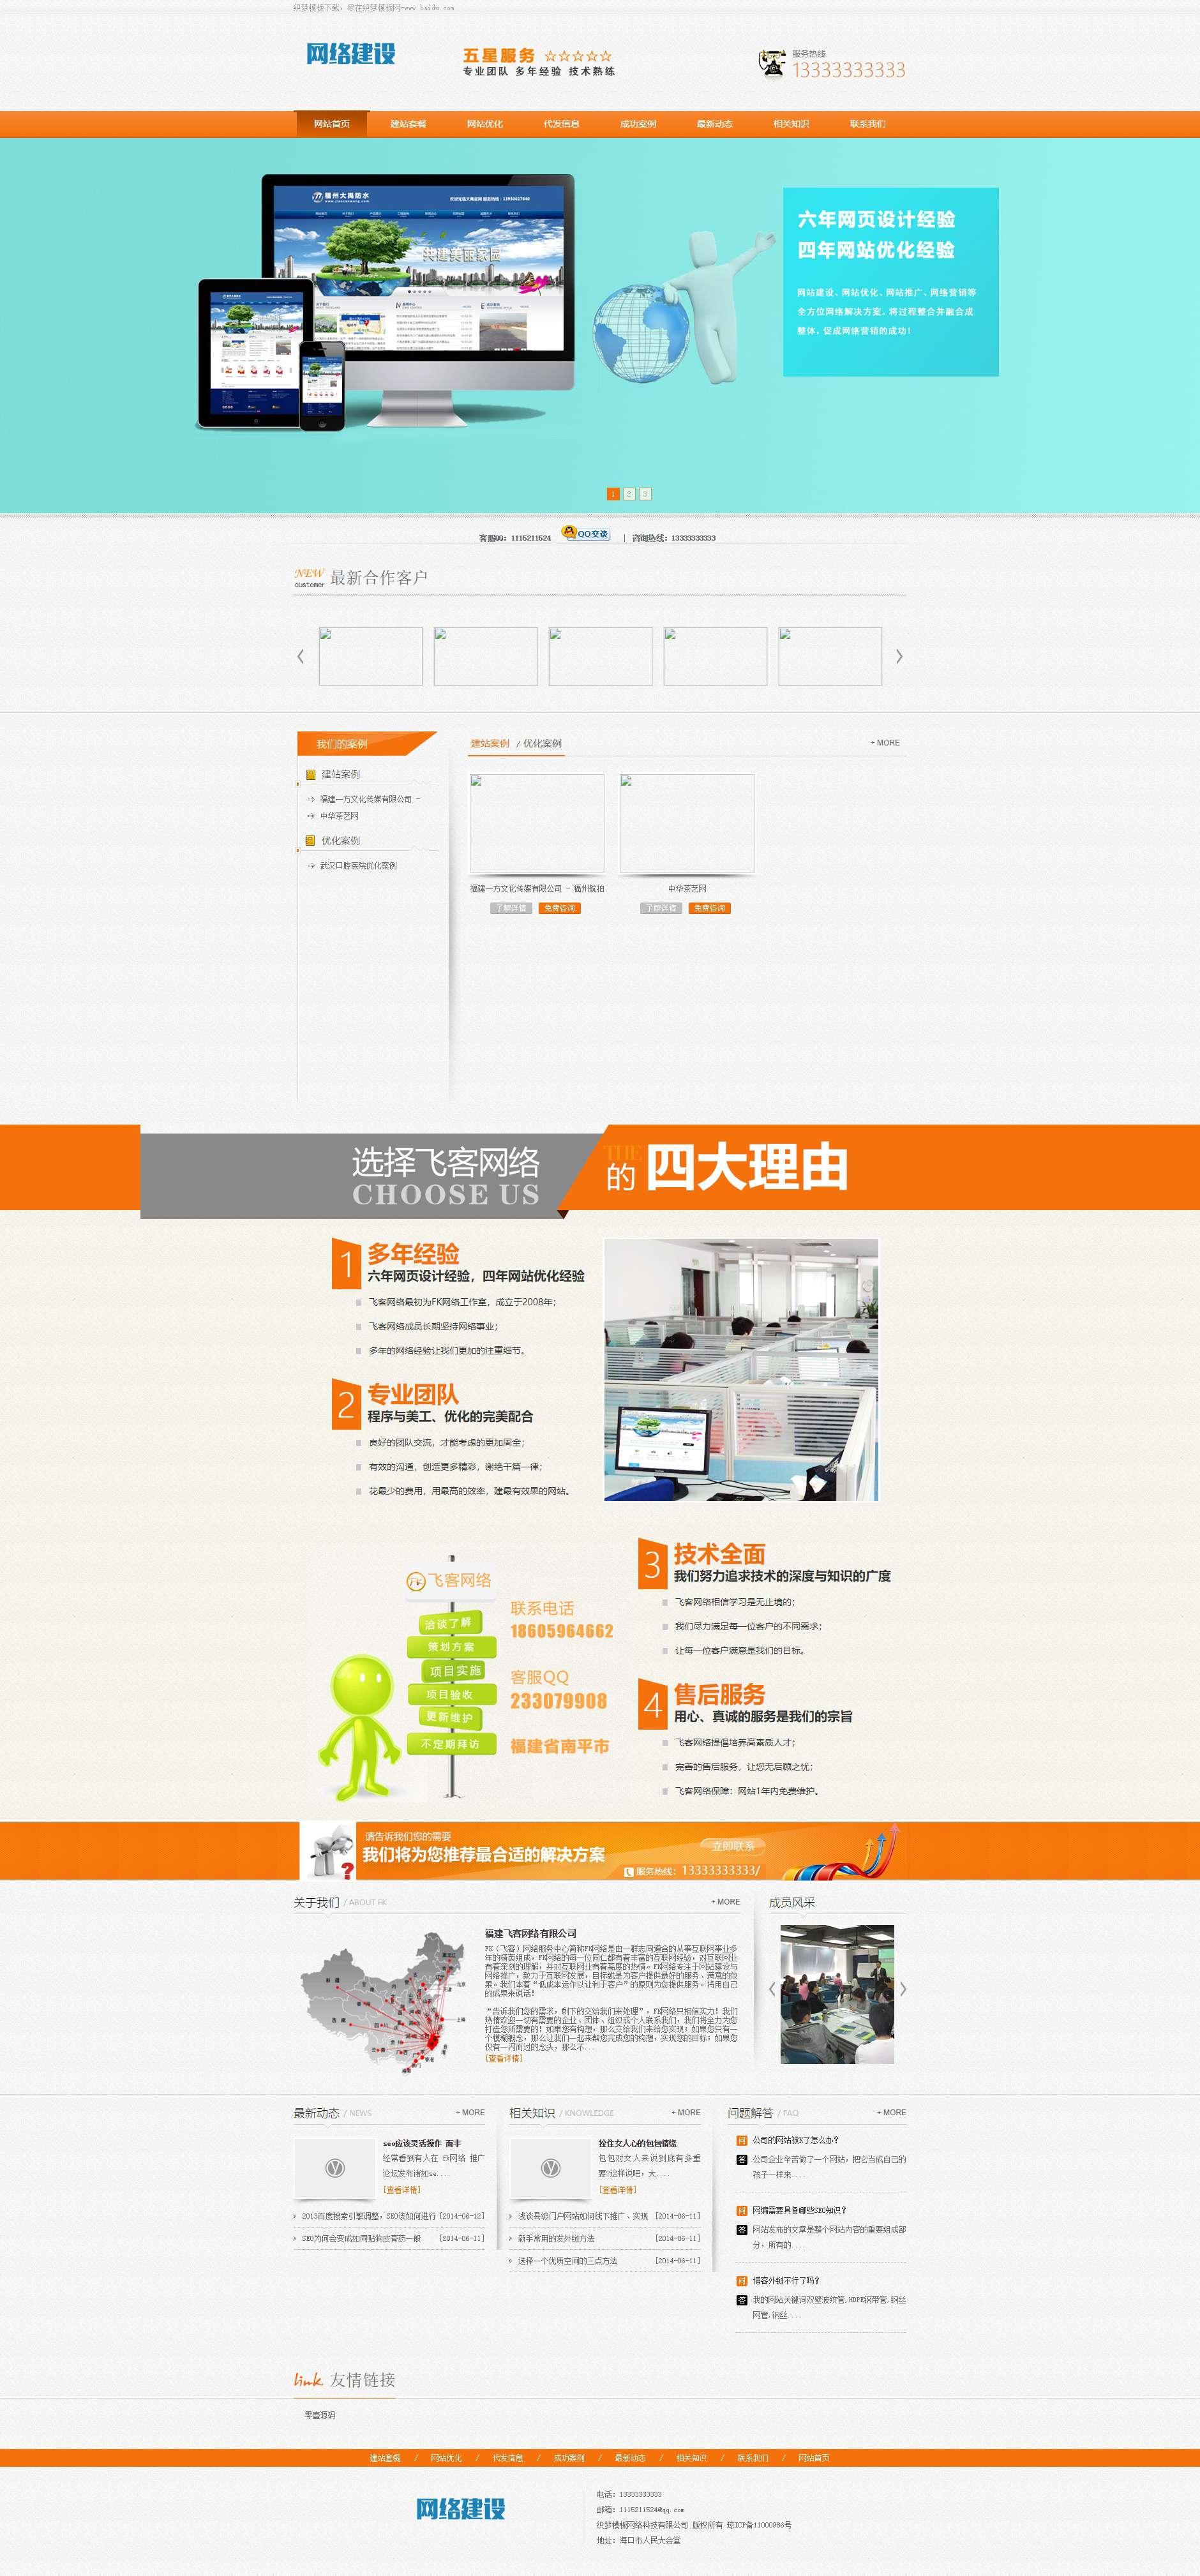 大气橙色网络公司织梦dedecms源码 php橙色建站企业源码